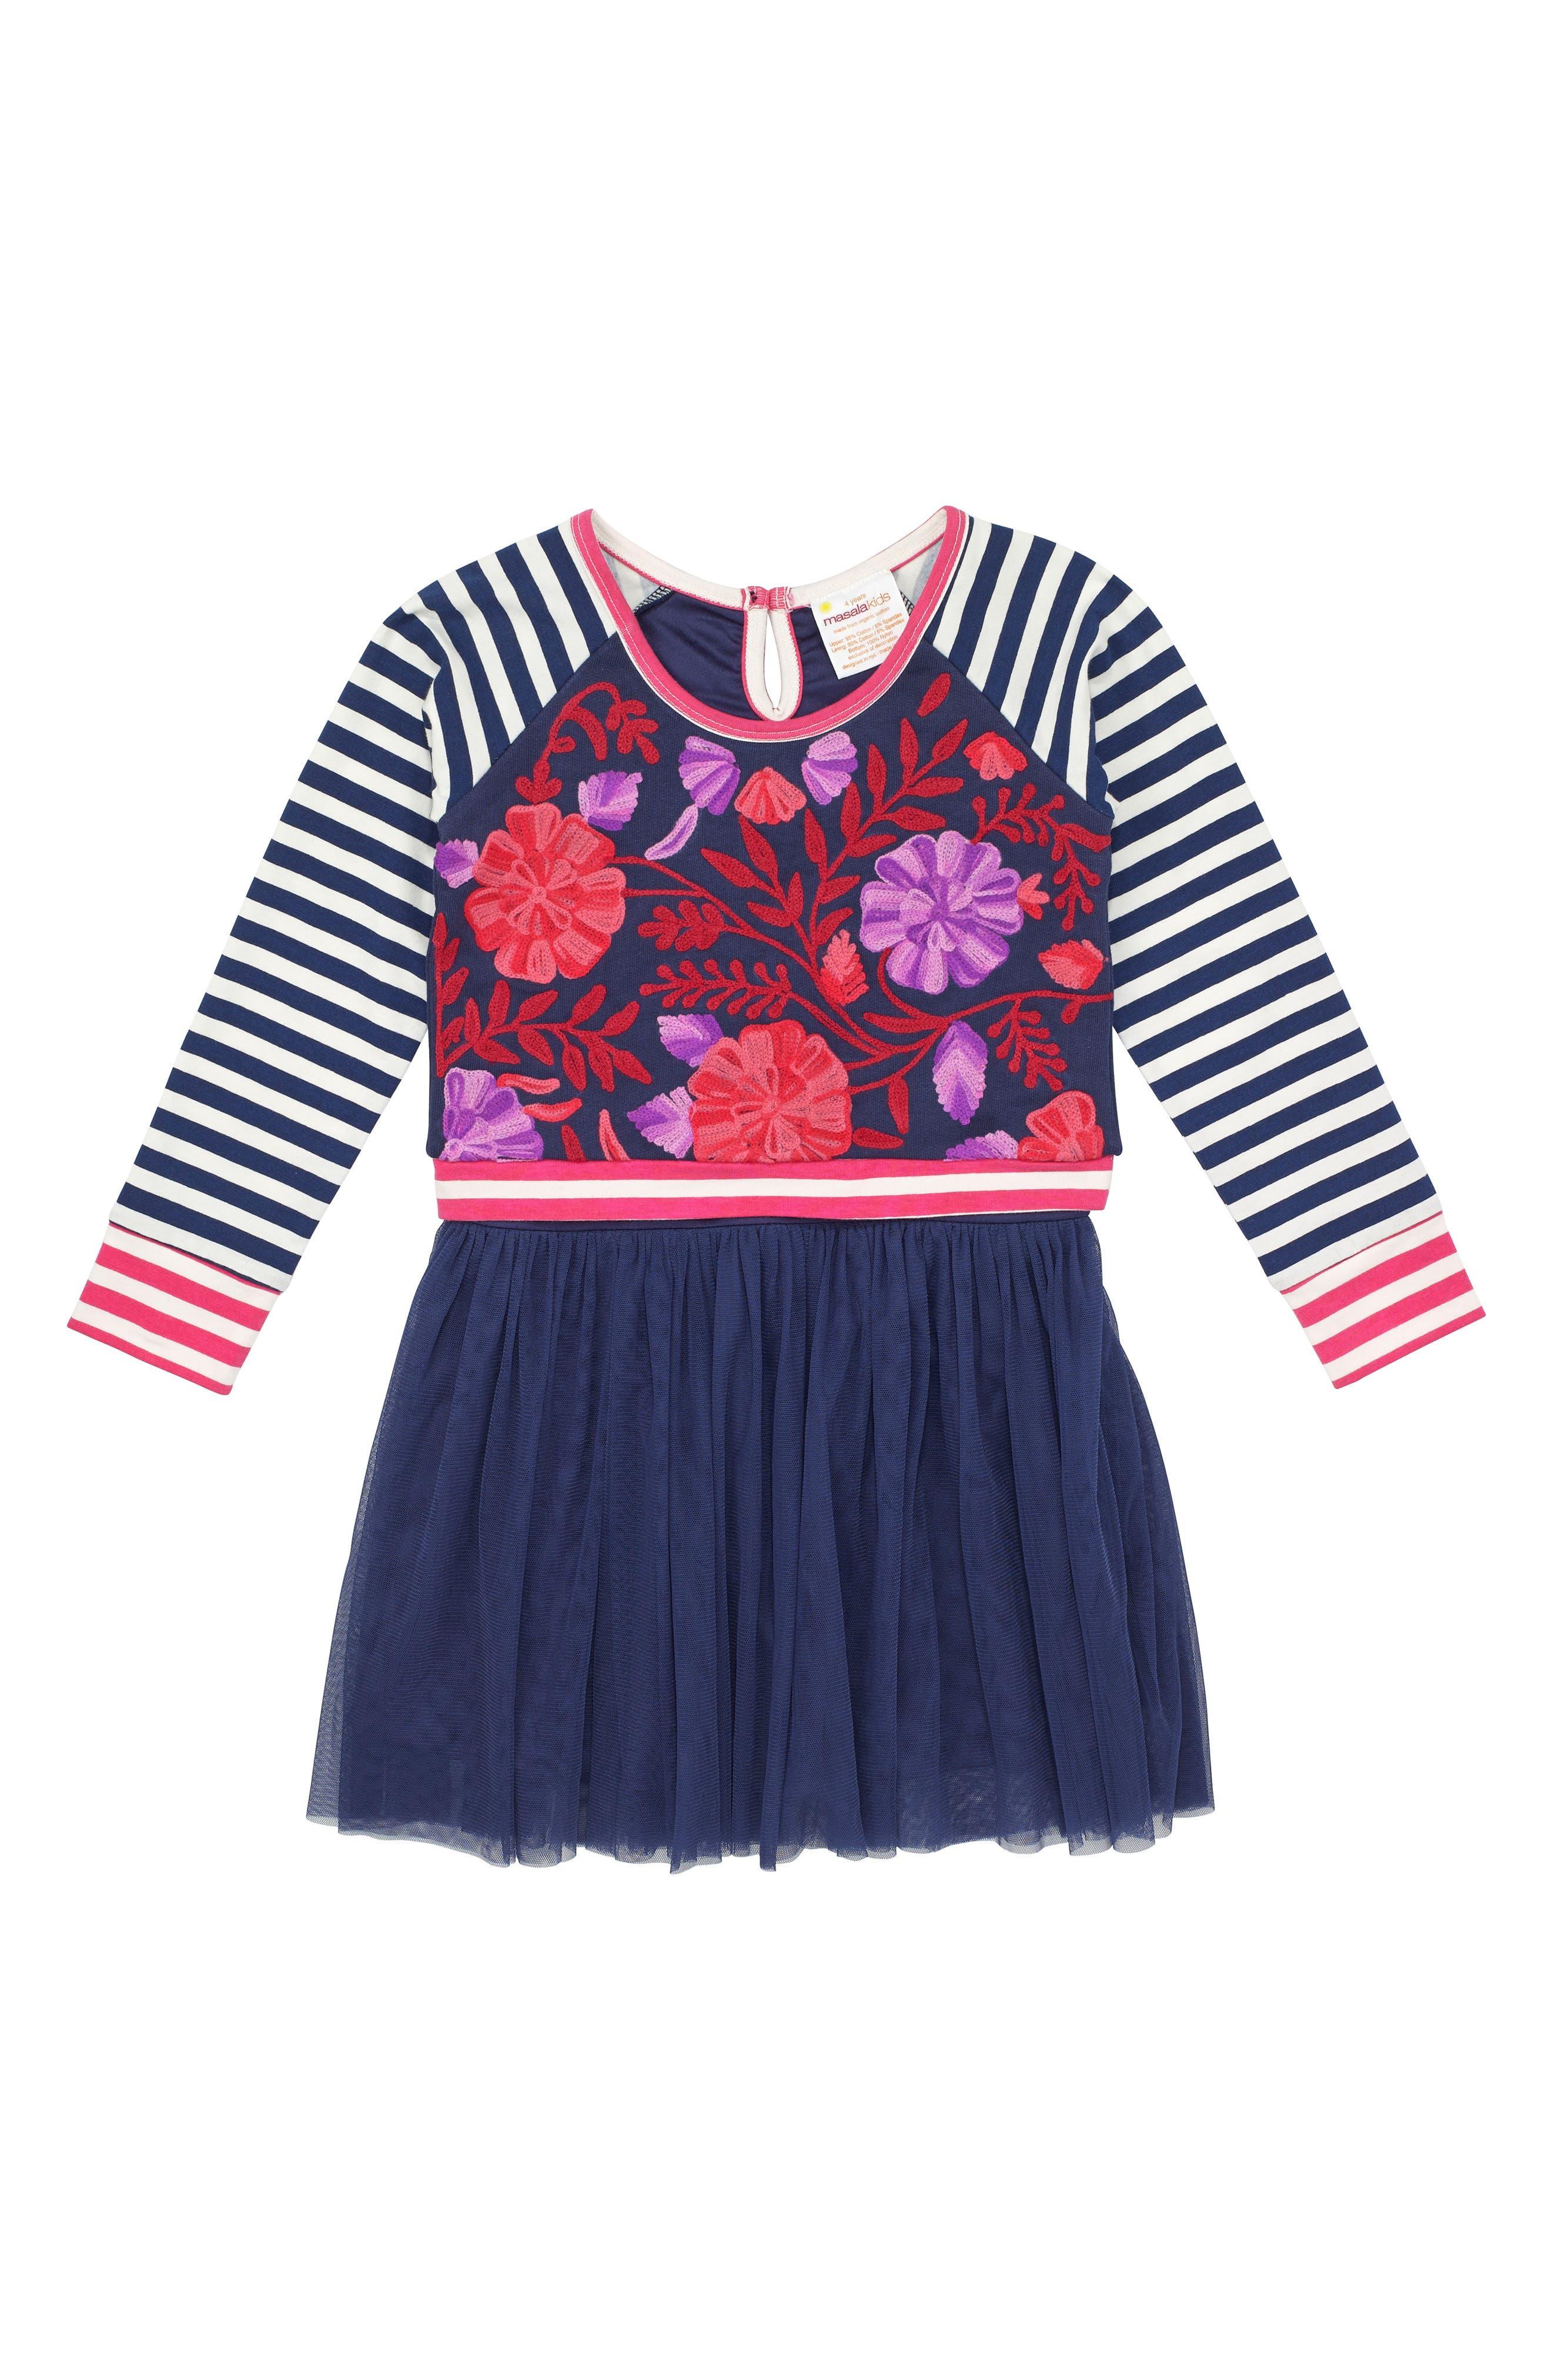 Alternate Image 1 Selected - Masalababy Floral & Stripe Organic Cotton Dress (Toddler Girls, Little Girls & Big Girls)